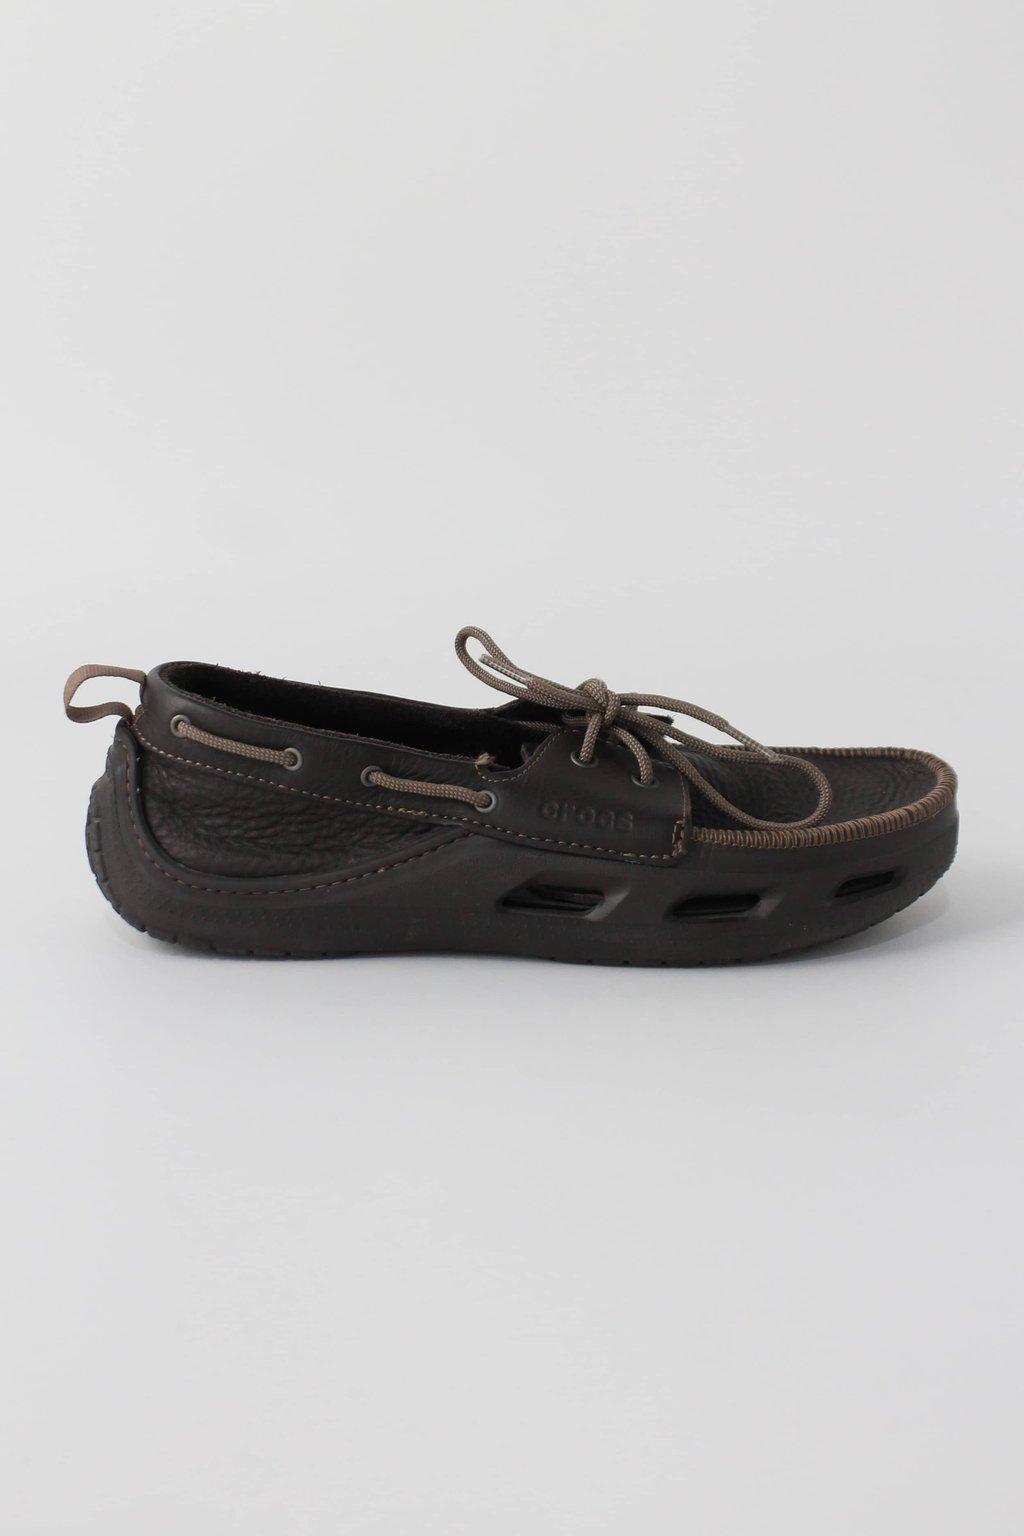 Sapato crocs masculino marrom